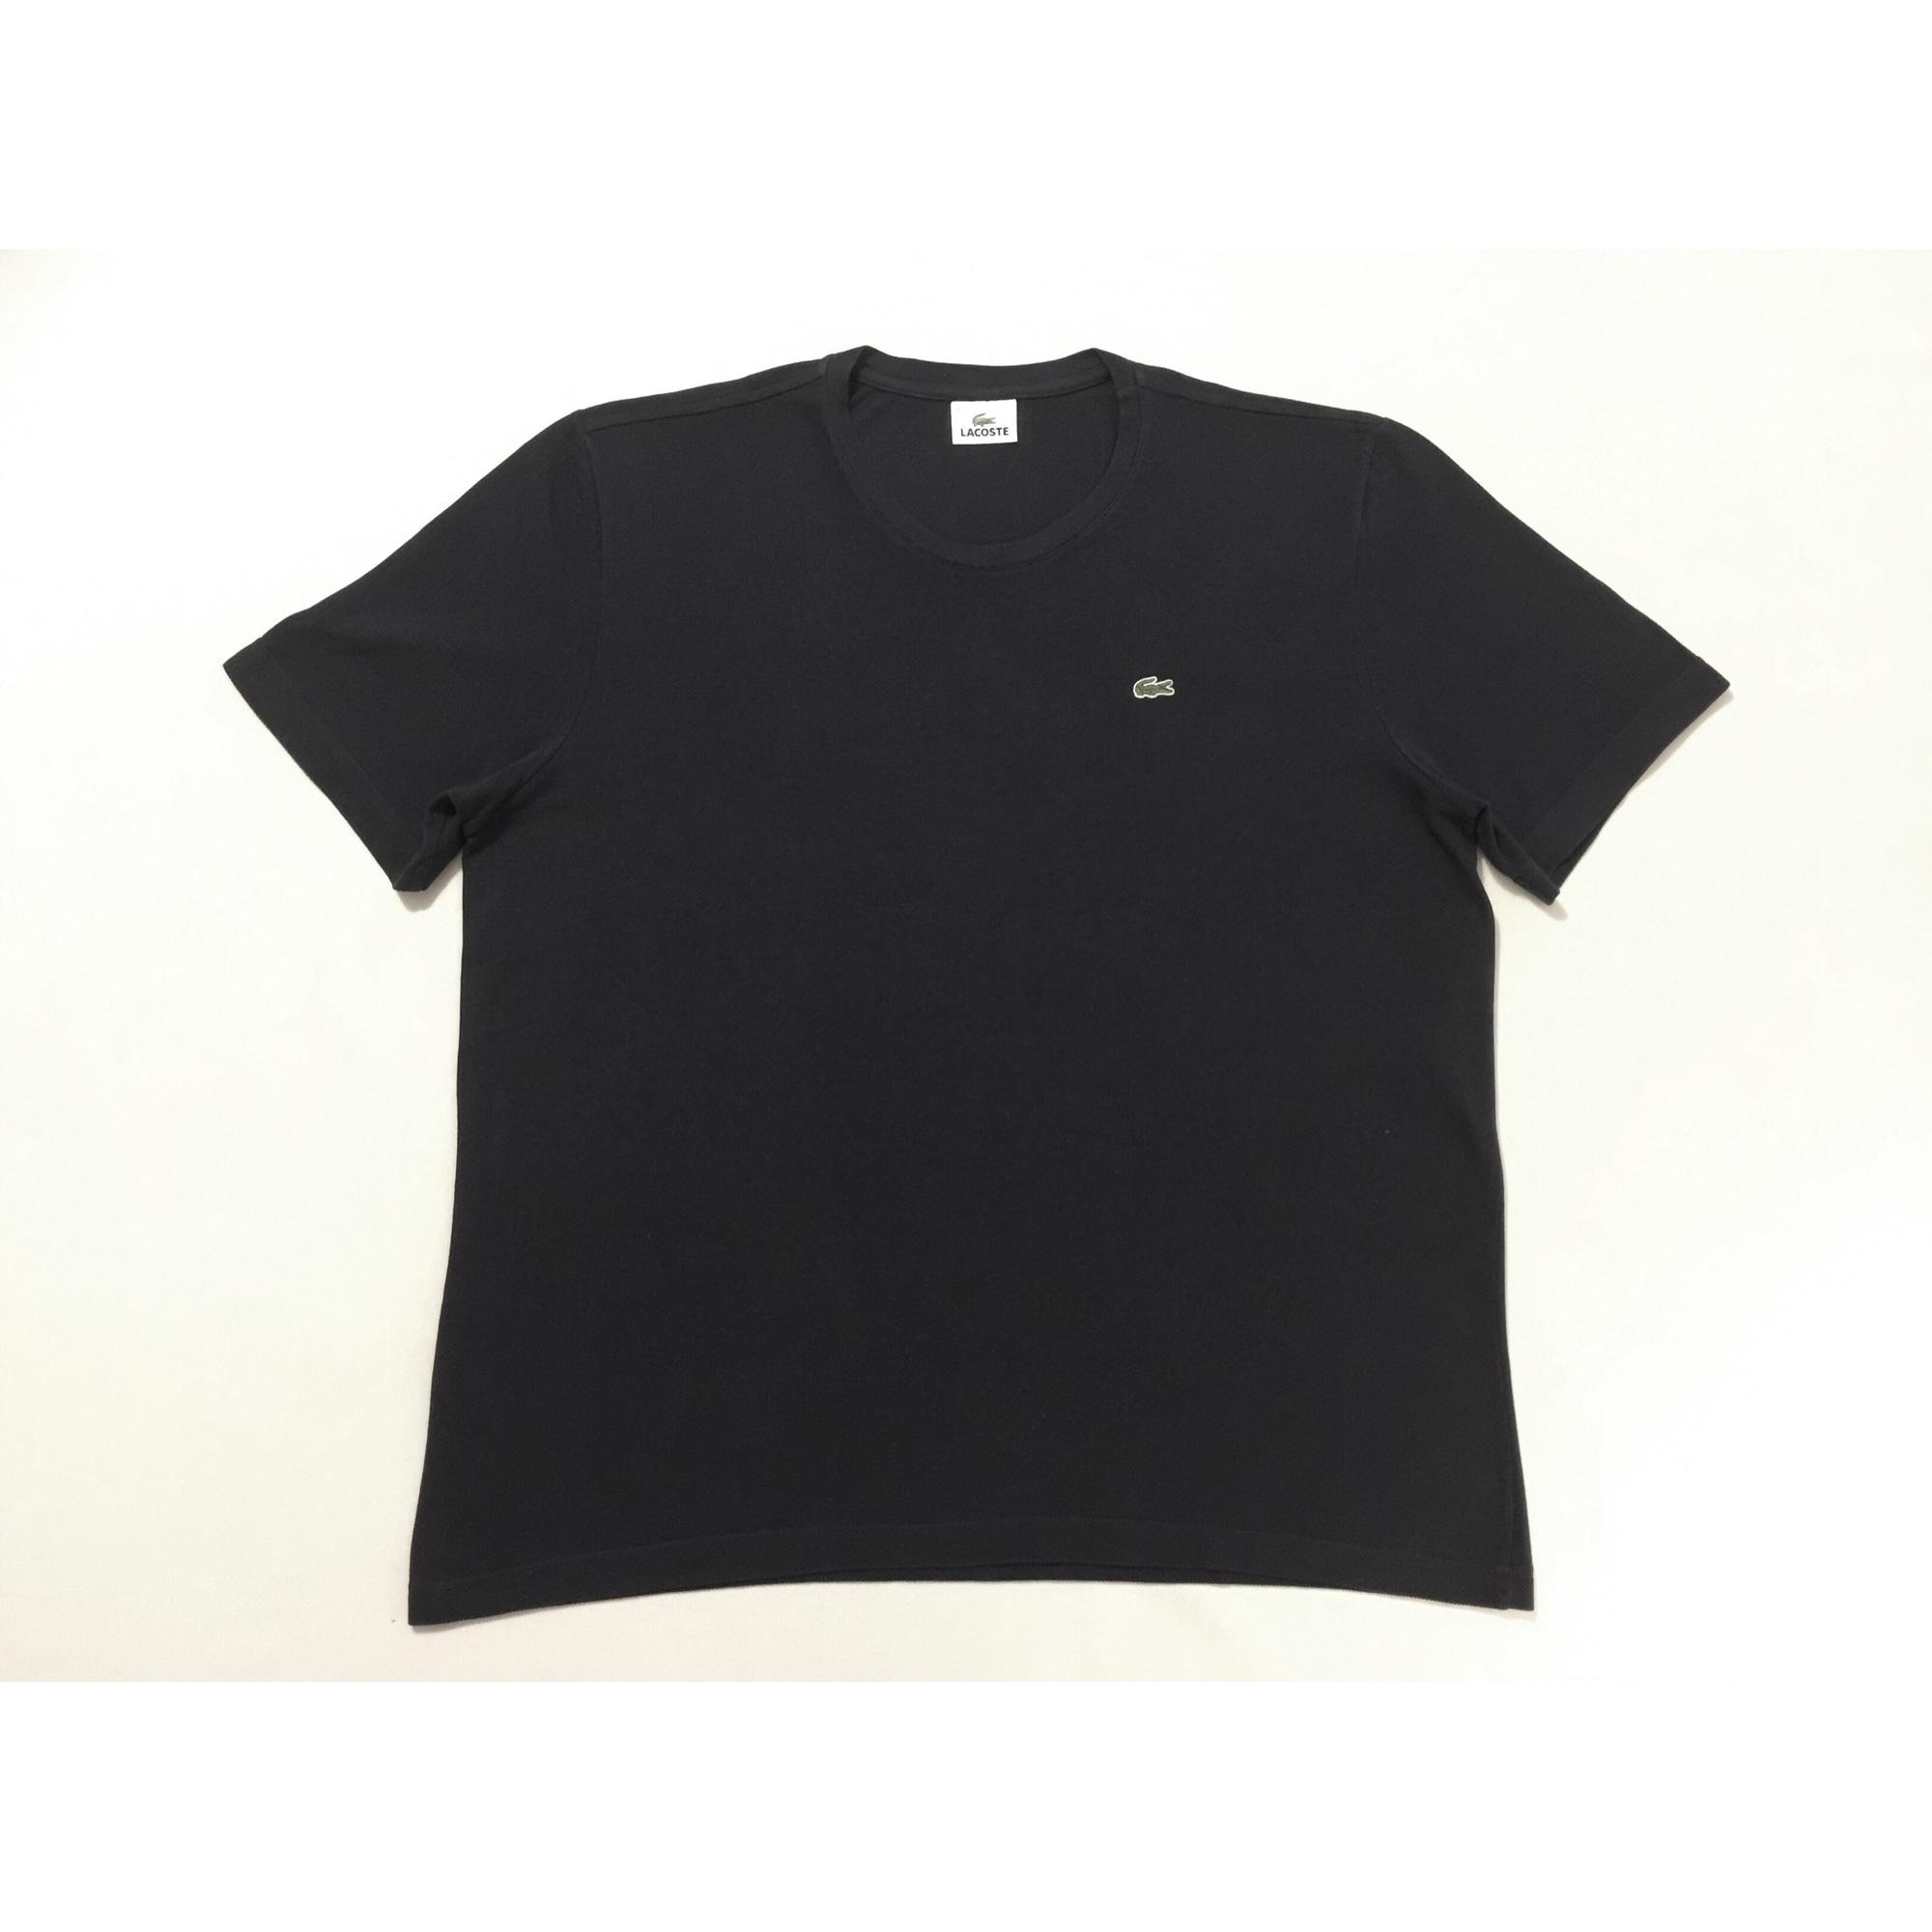 71b5644365 Tee-shirt LACOSTE 5 (XXL) bleu vendu par Jolielouise - 4142648